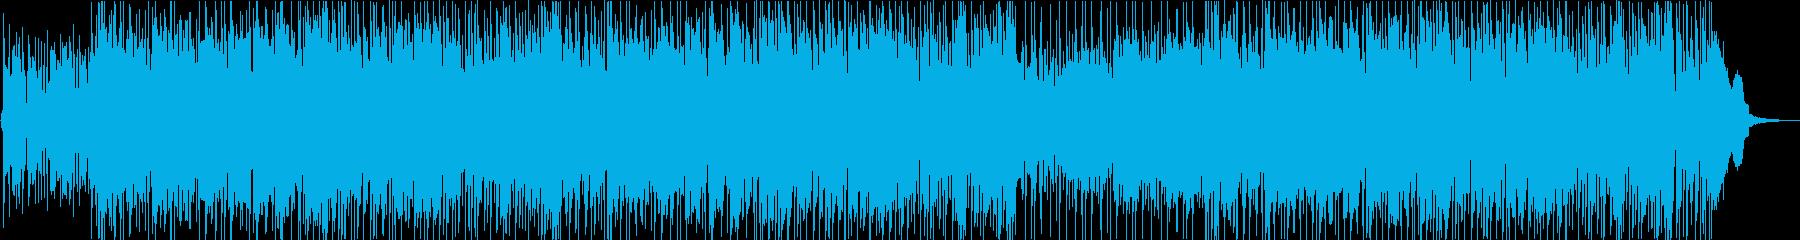 【ニュース、ナレーション】落ち着きのあるの再生済みの波形